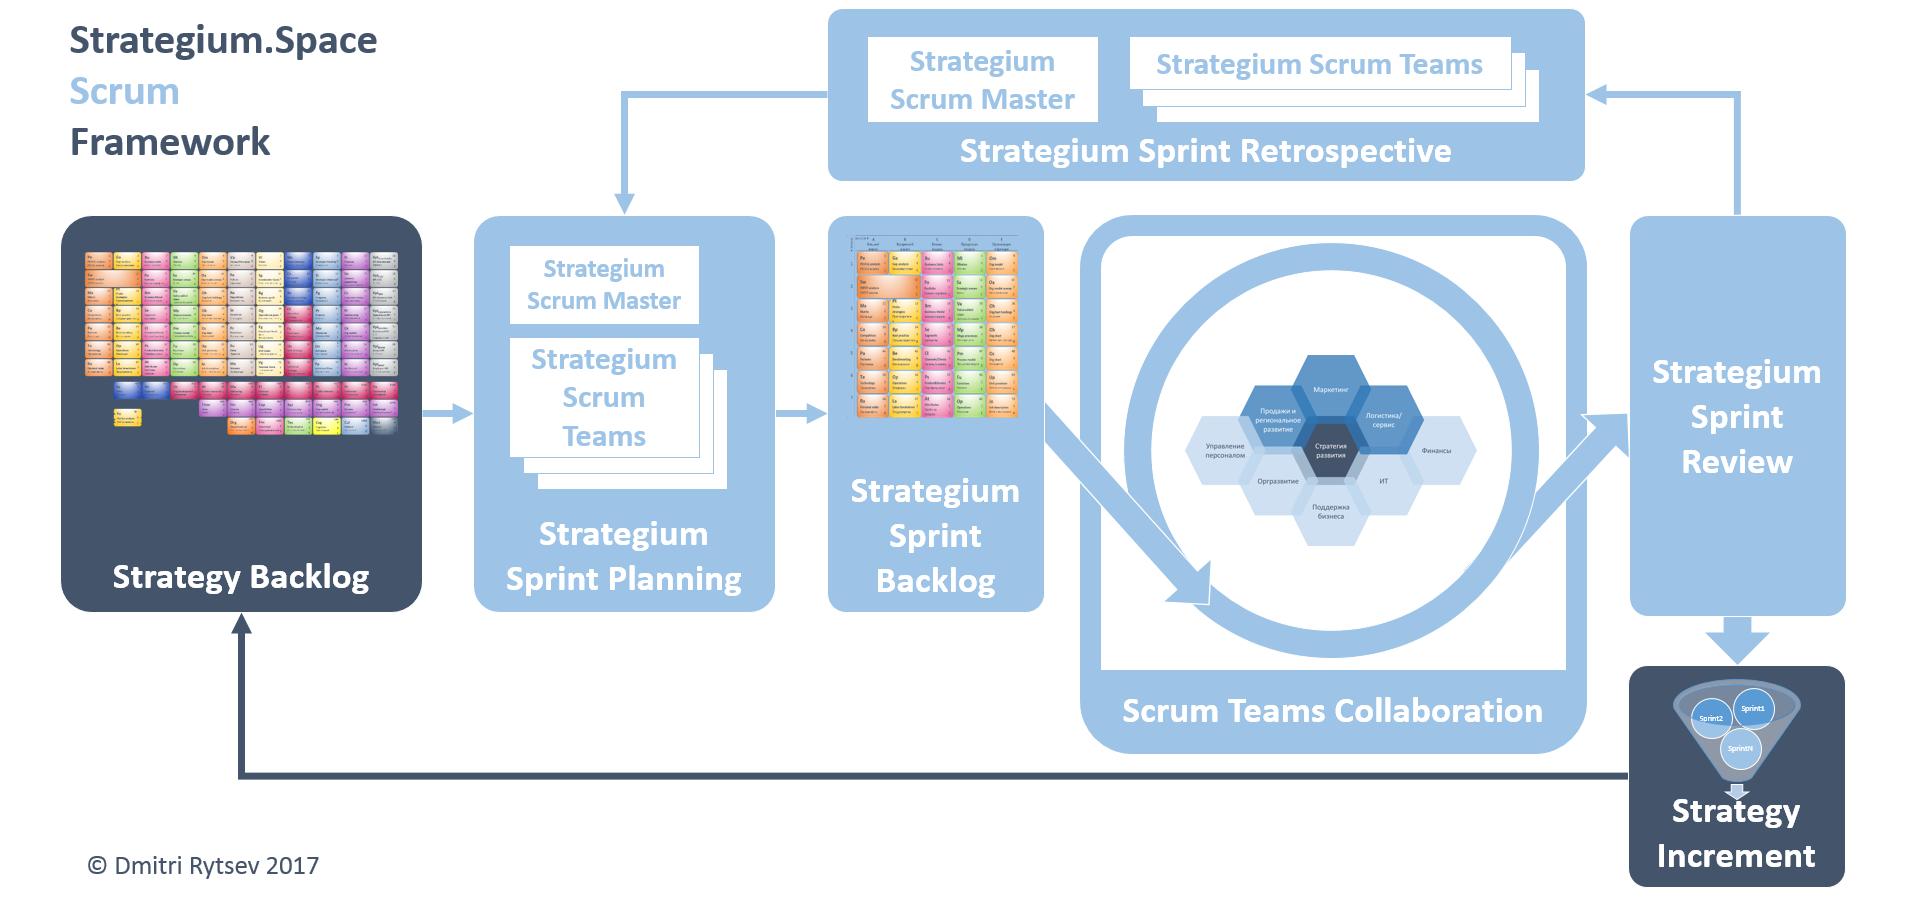 сценарий стратегической сессии Strategium Space Scrum Framework